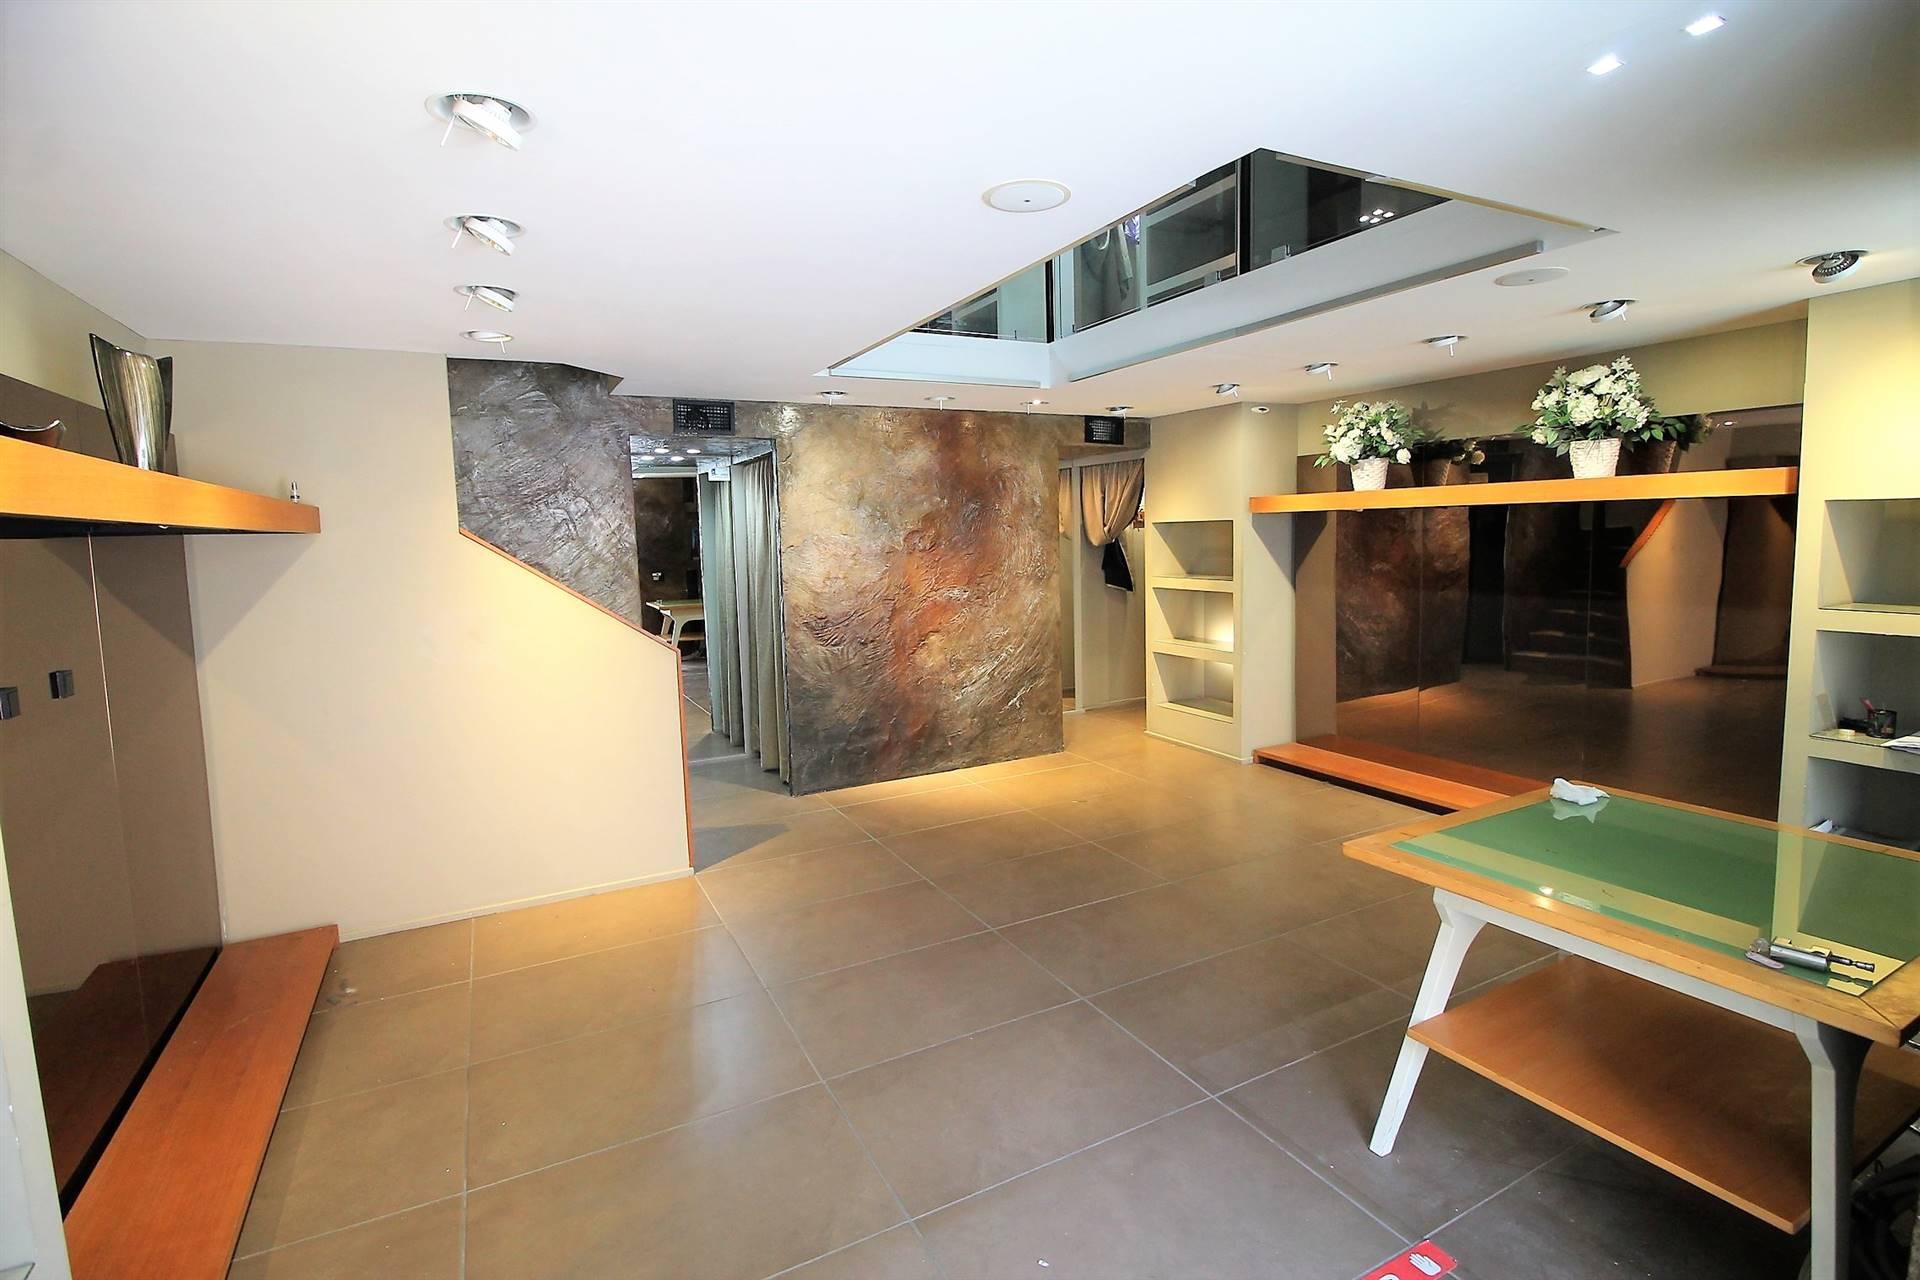 Negozio / Locale in affitto a Siracusa, 2 locali, zona Zona: Tica-tisia, prezzo € 2.000 | CambioCasa.it